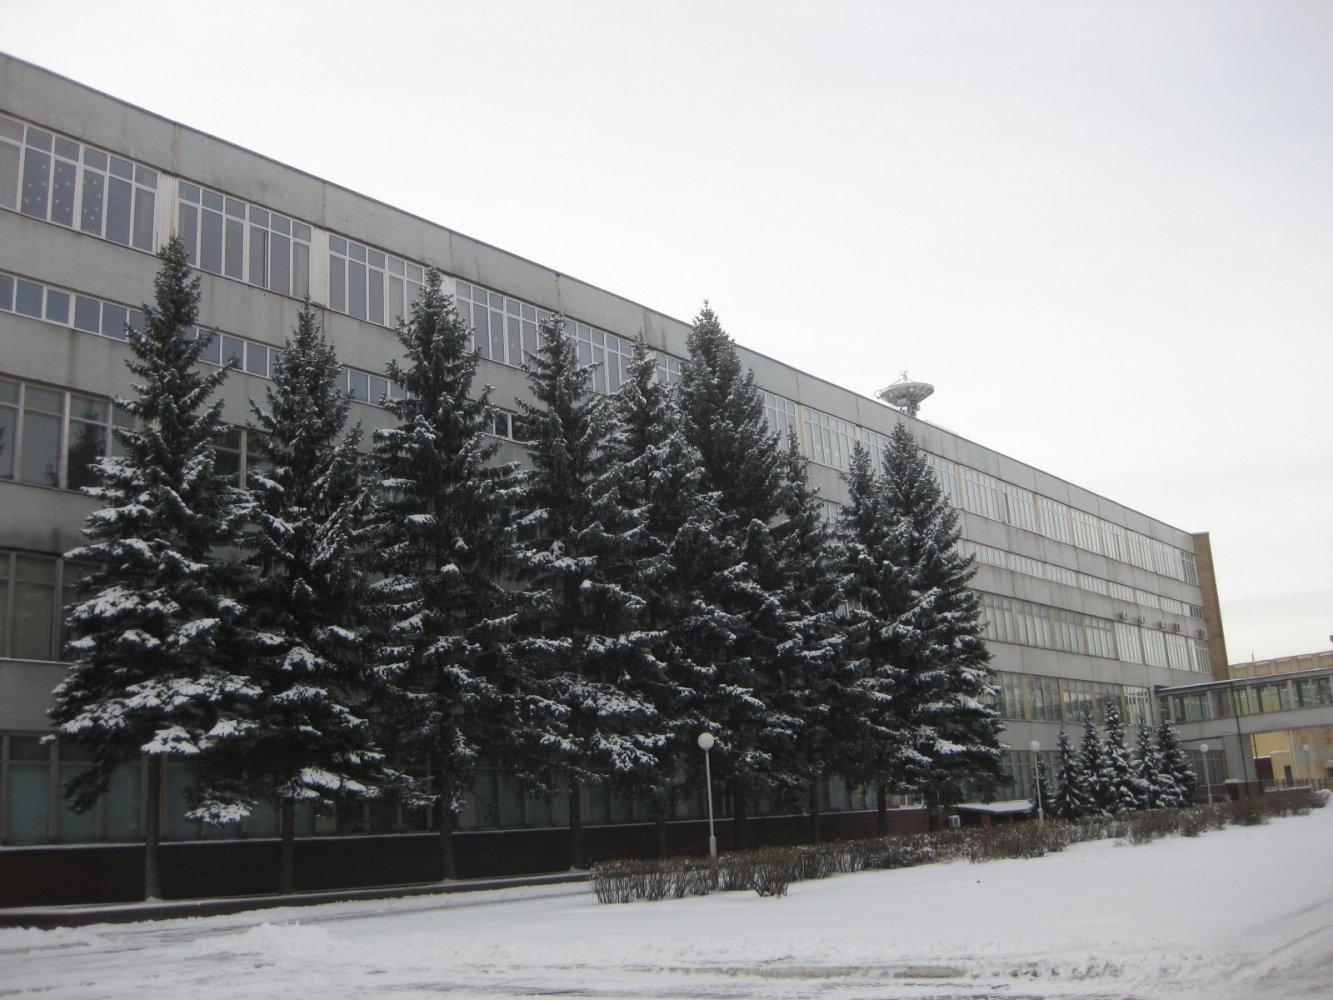 Фото Здание центра управления полетами. Россия, Московская область, Королев го, Пионерская улица, 19А